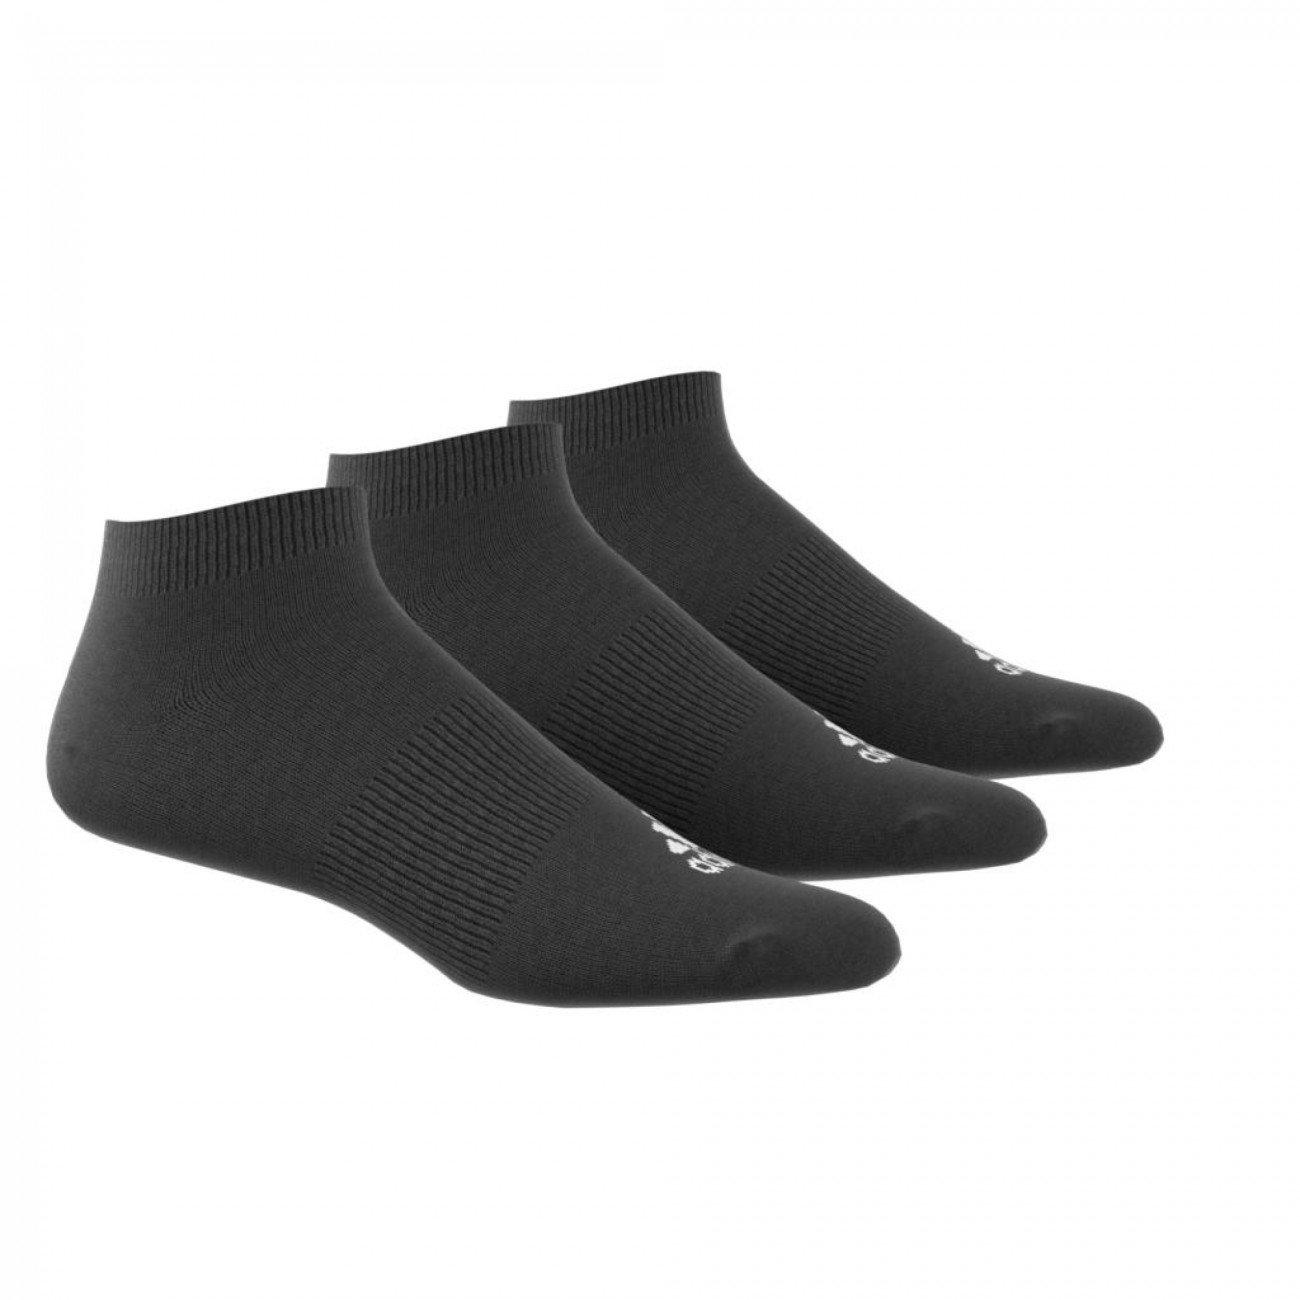 adidas - Calcetines cortos - Básico - para hombre Negro Schwarz (AA2312): Amazon.es: Ropa y accesorios